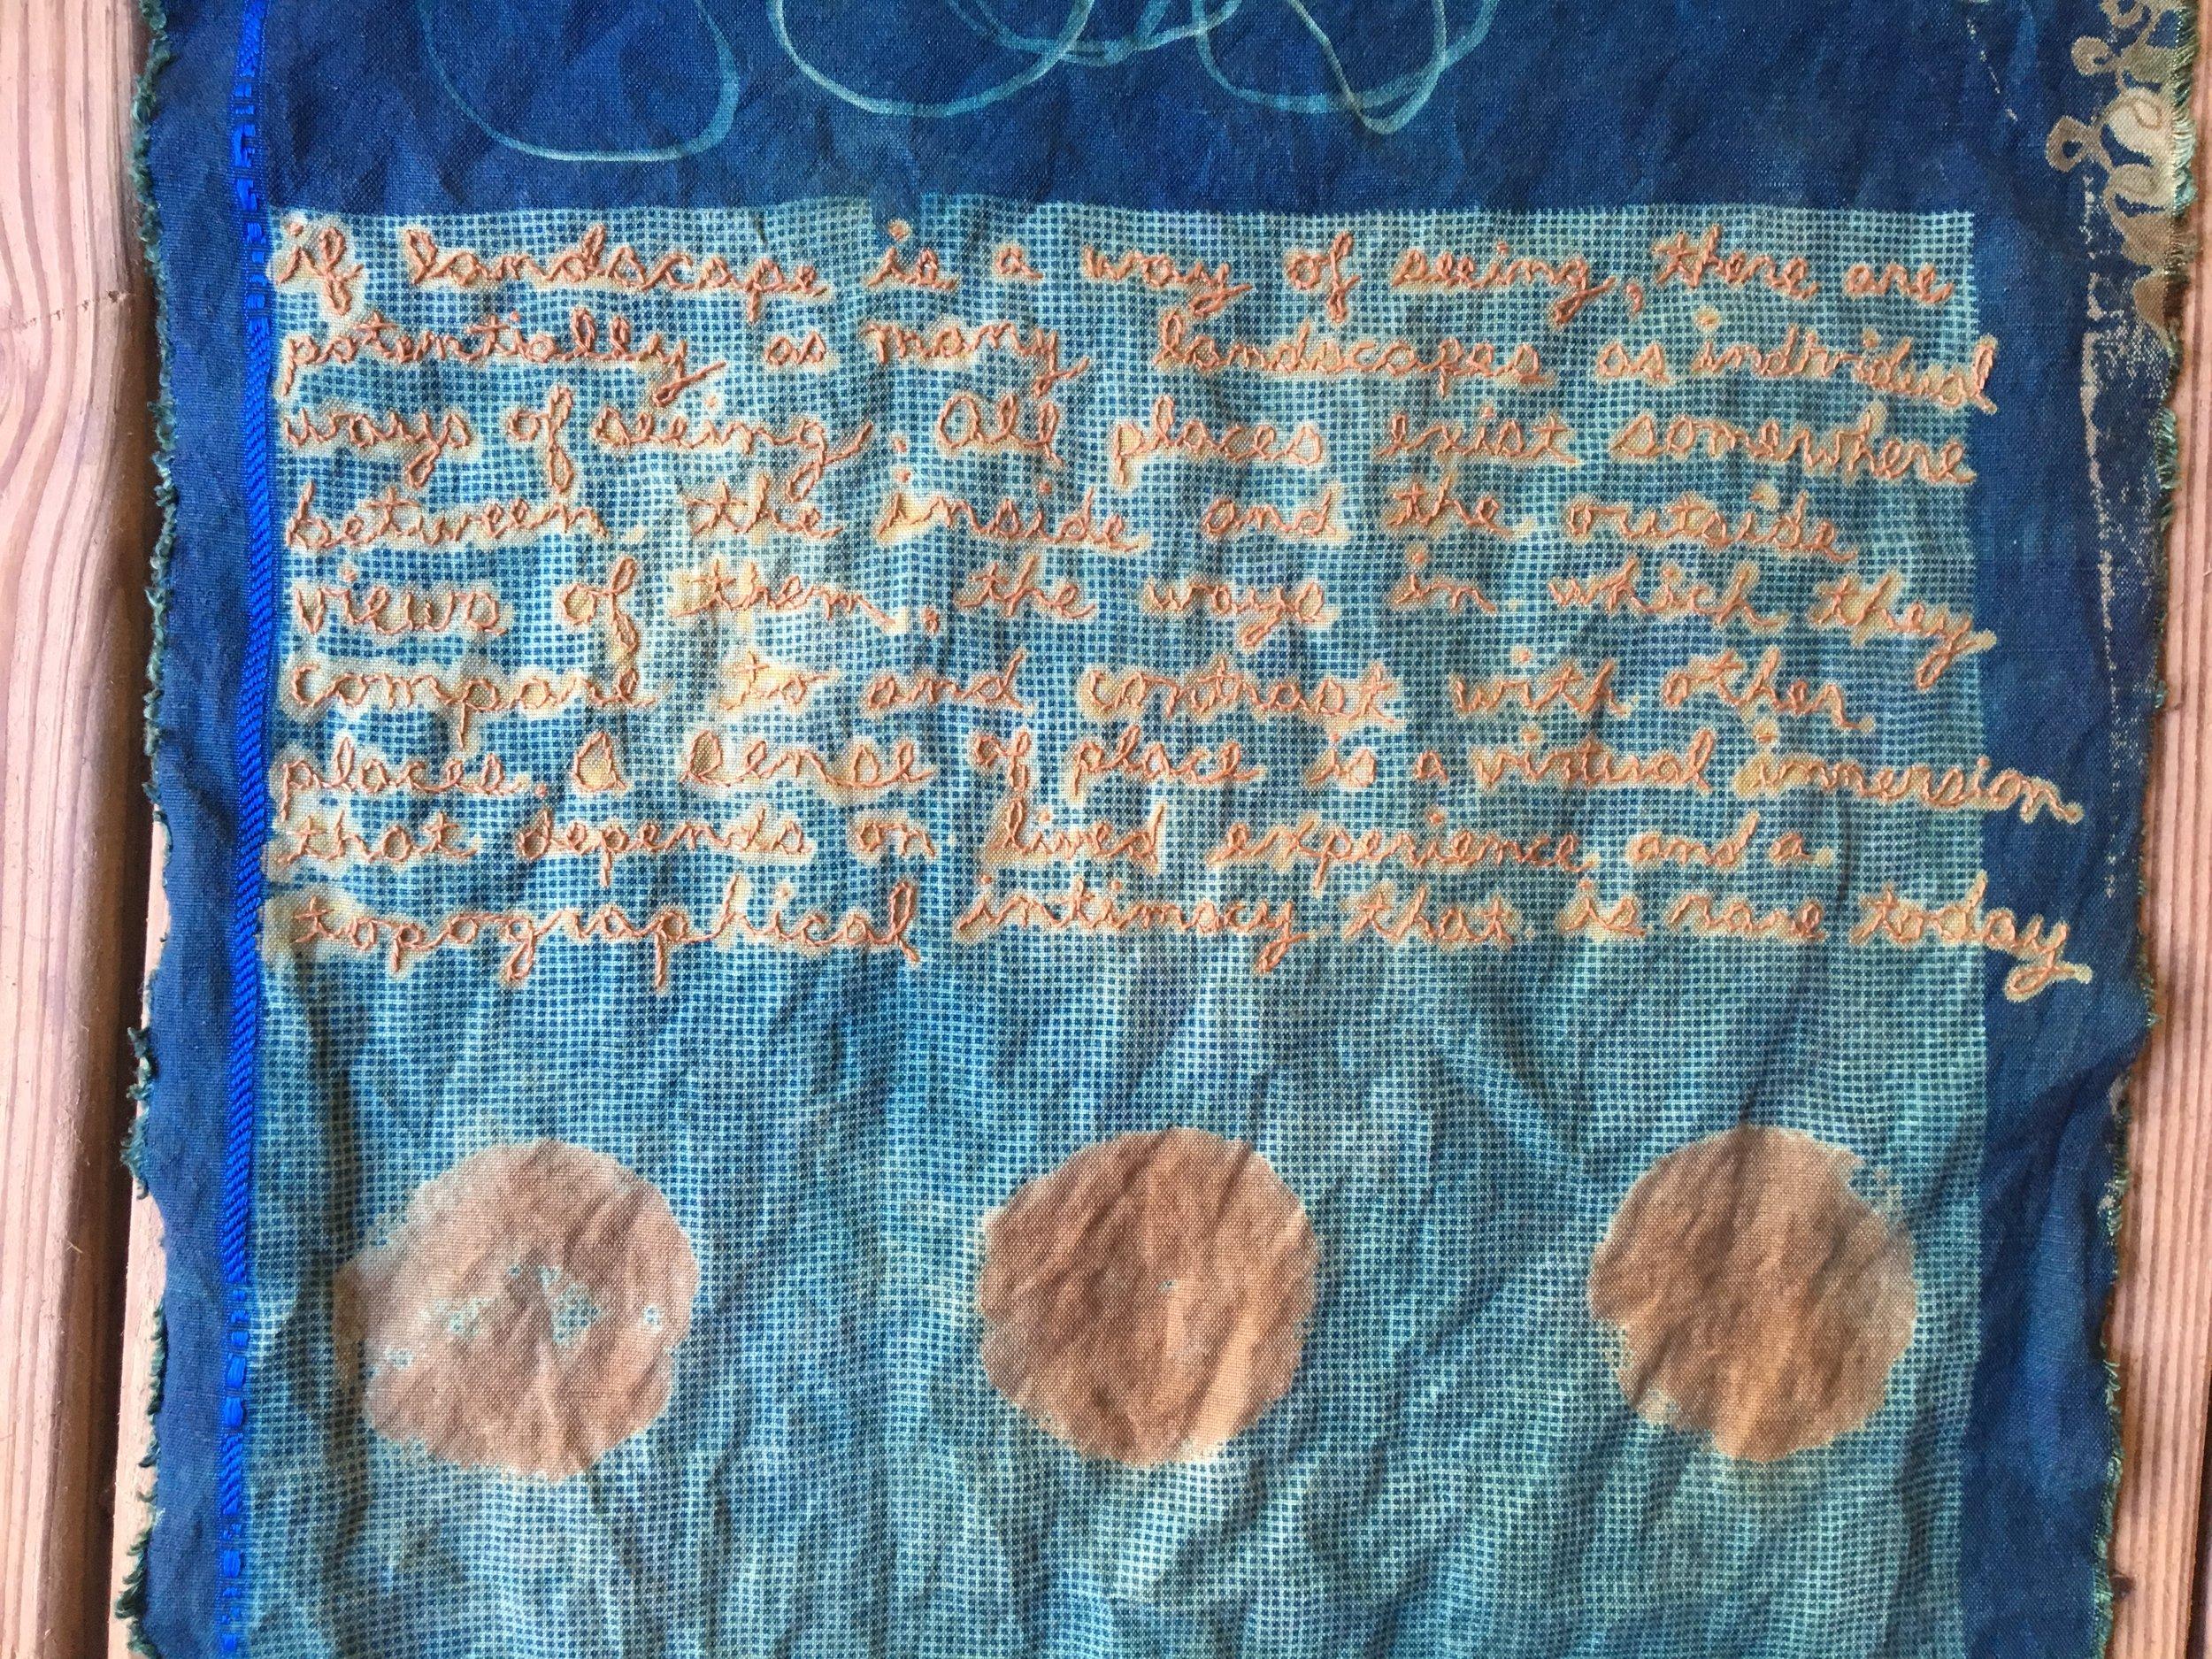 Cyanotype - dye - embroidery